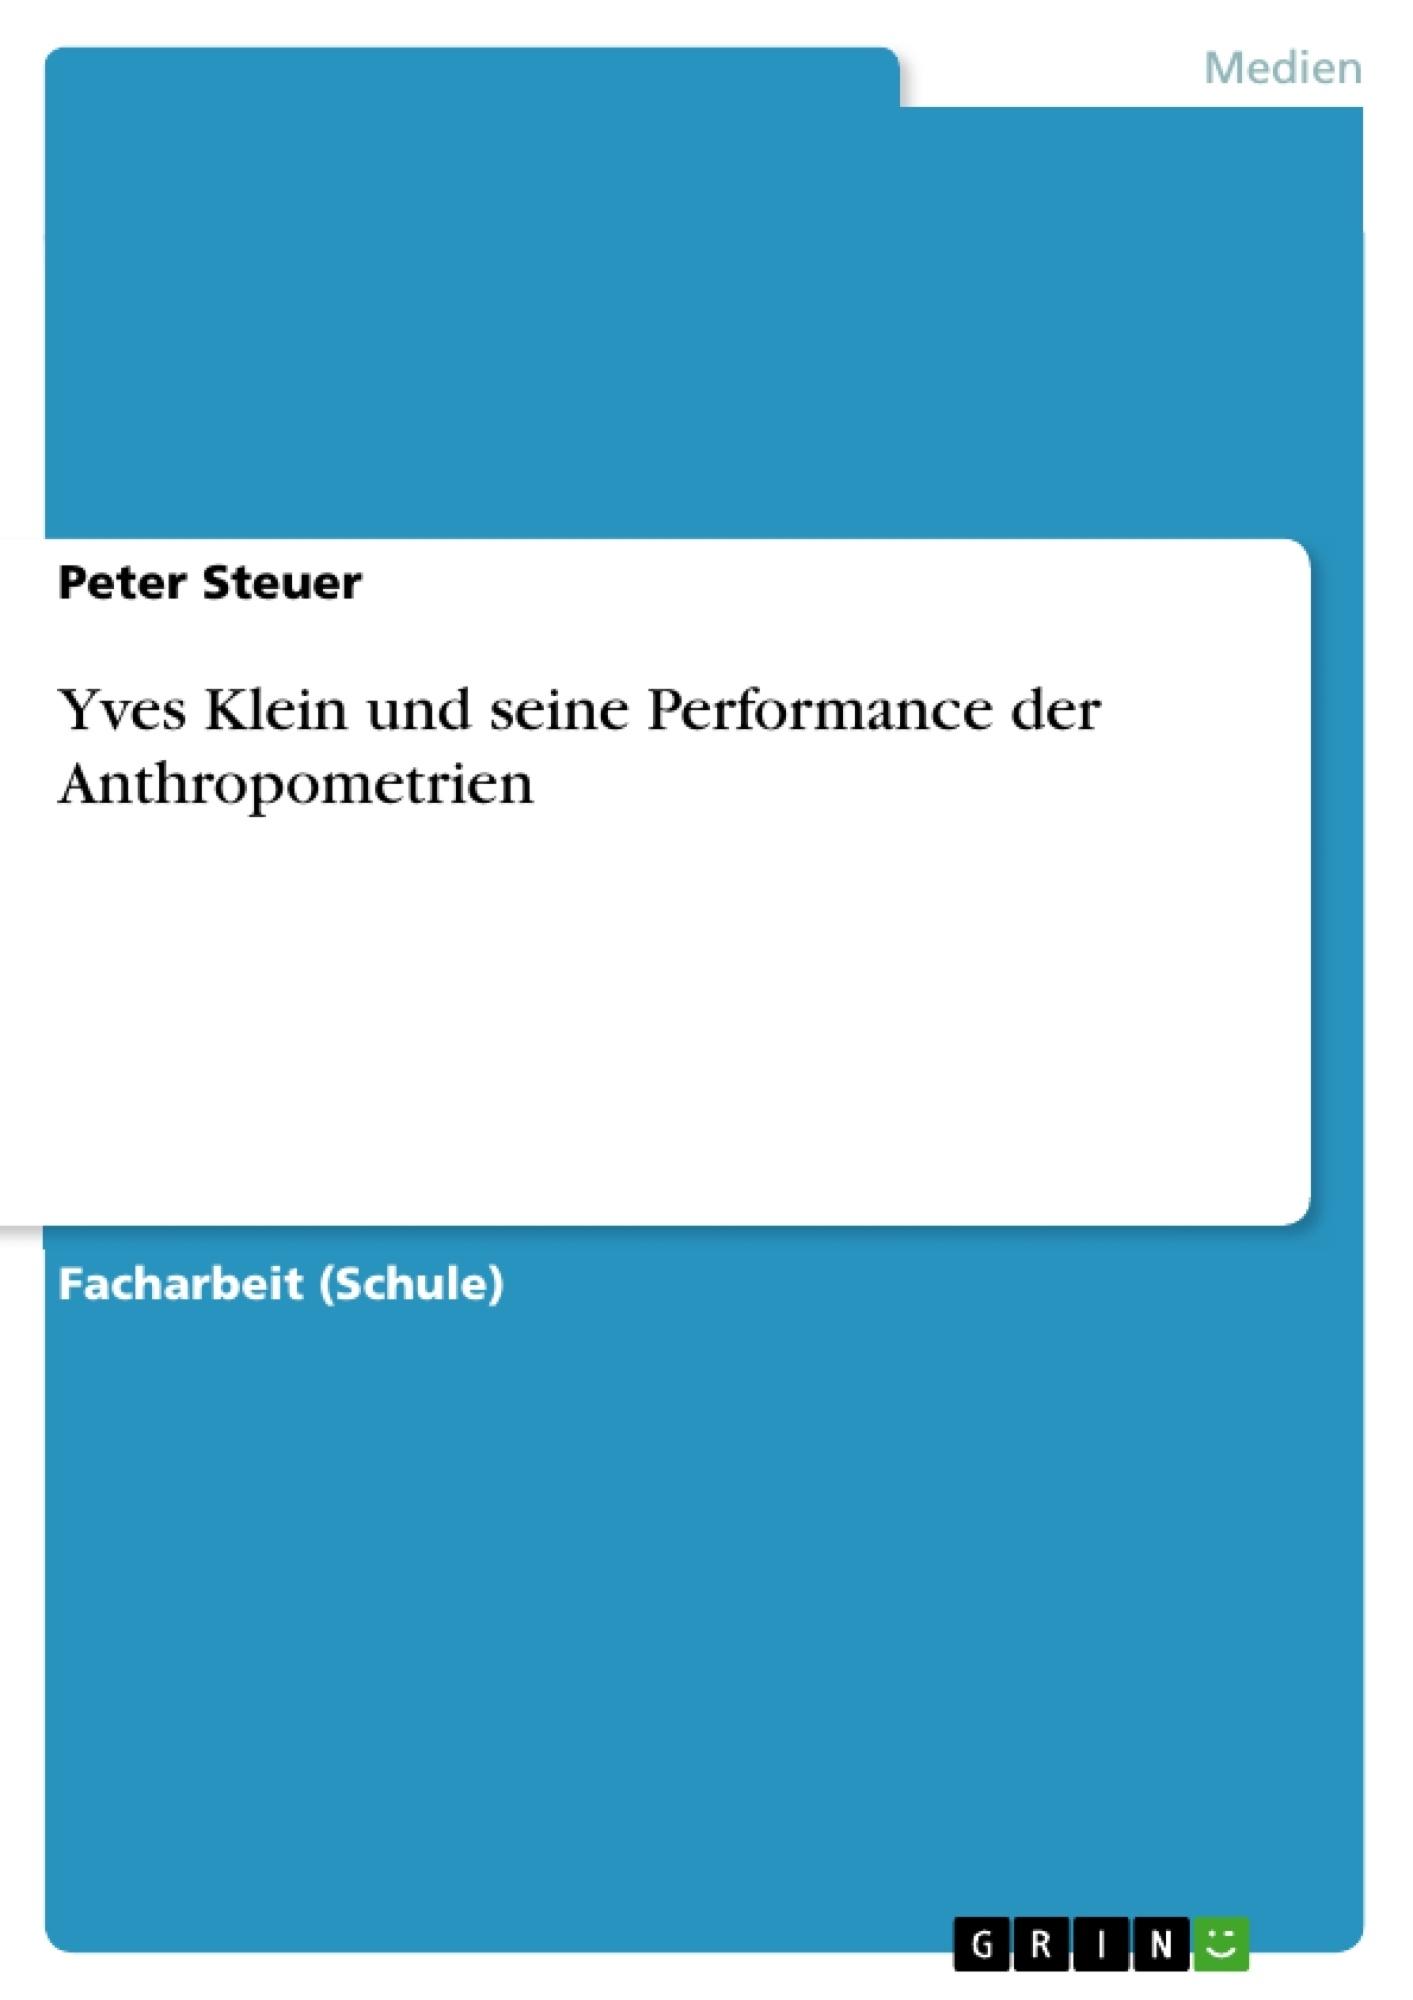 Titel: Yves Klein und seine Performance der Anthropometrien